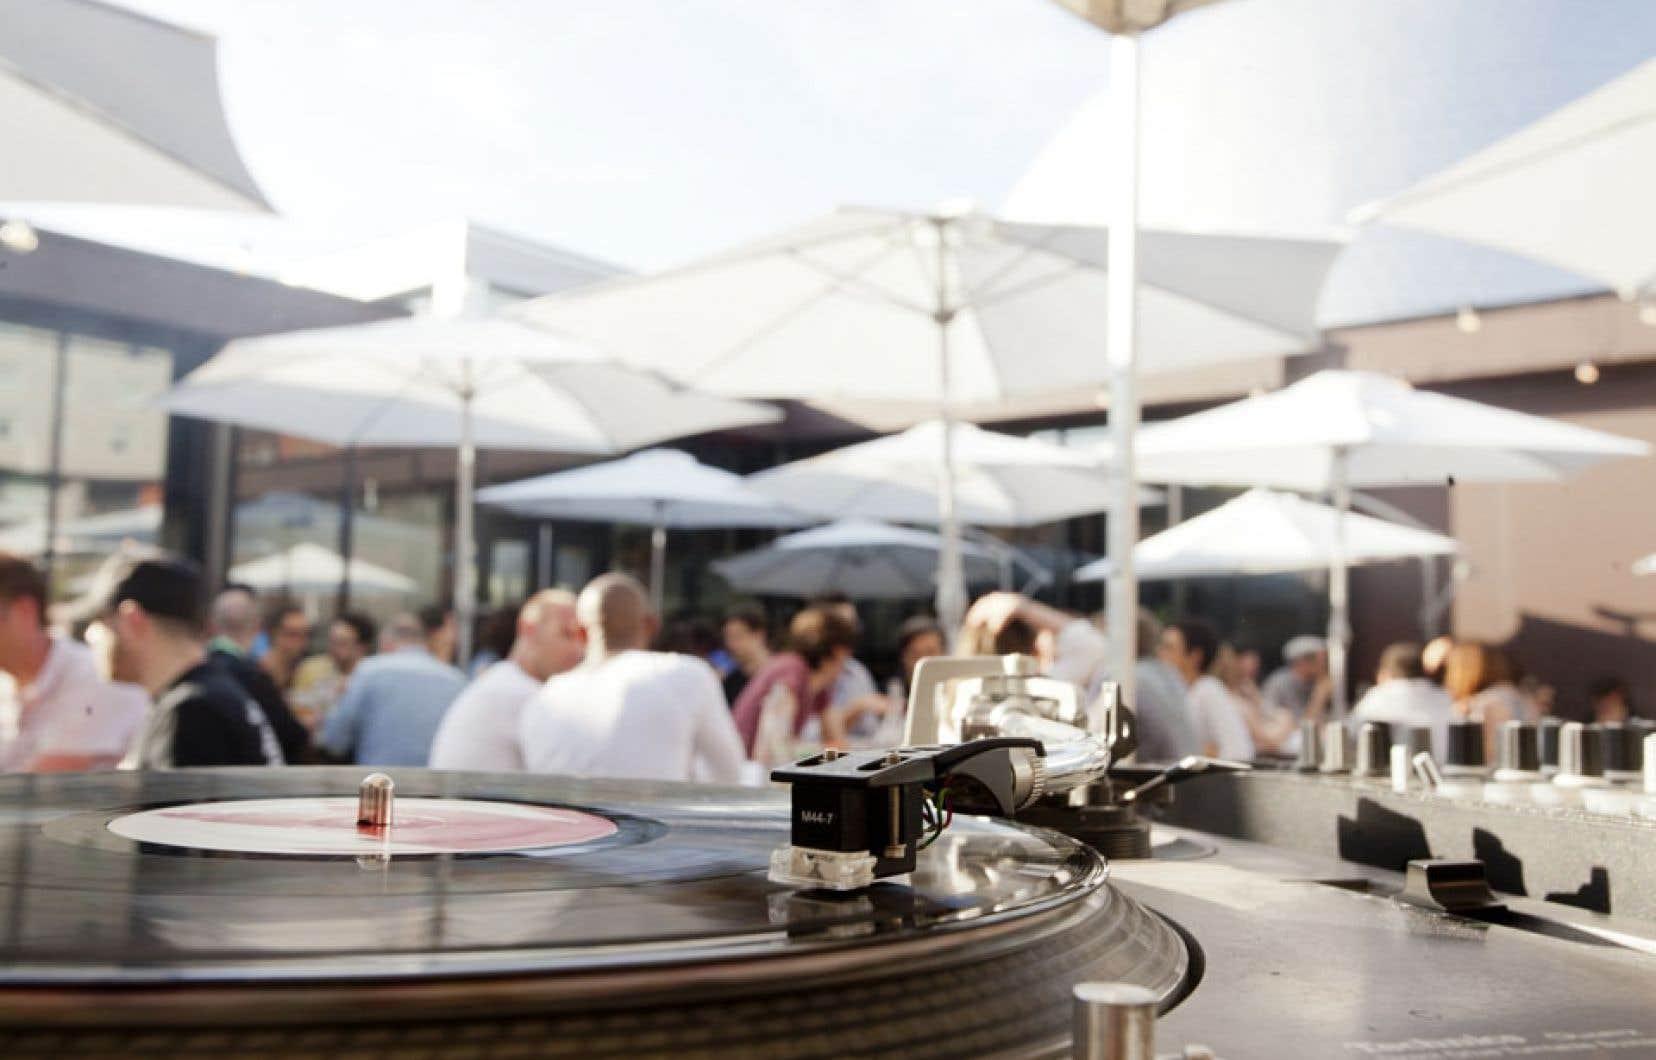 La musique est «la bande sonore du film du restaurant», explique Alexandre Auche, programmateur de l'ambiance sonore et gérant au FoodLab.